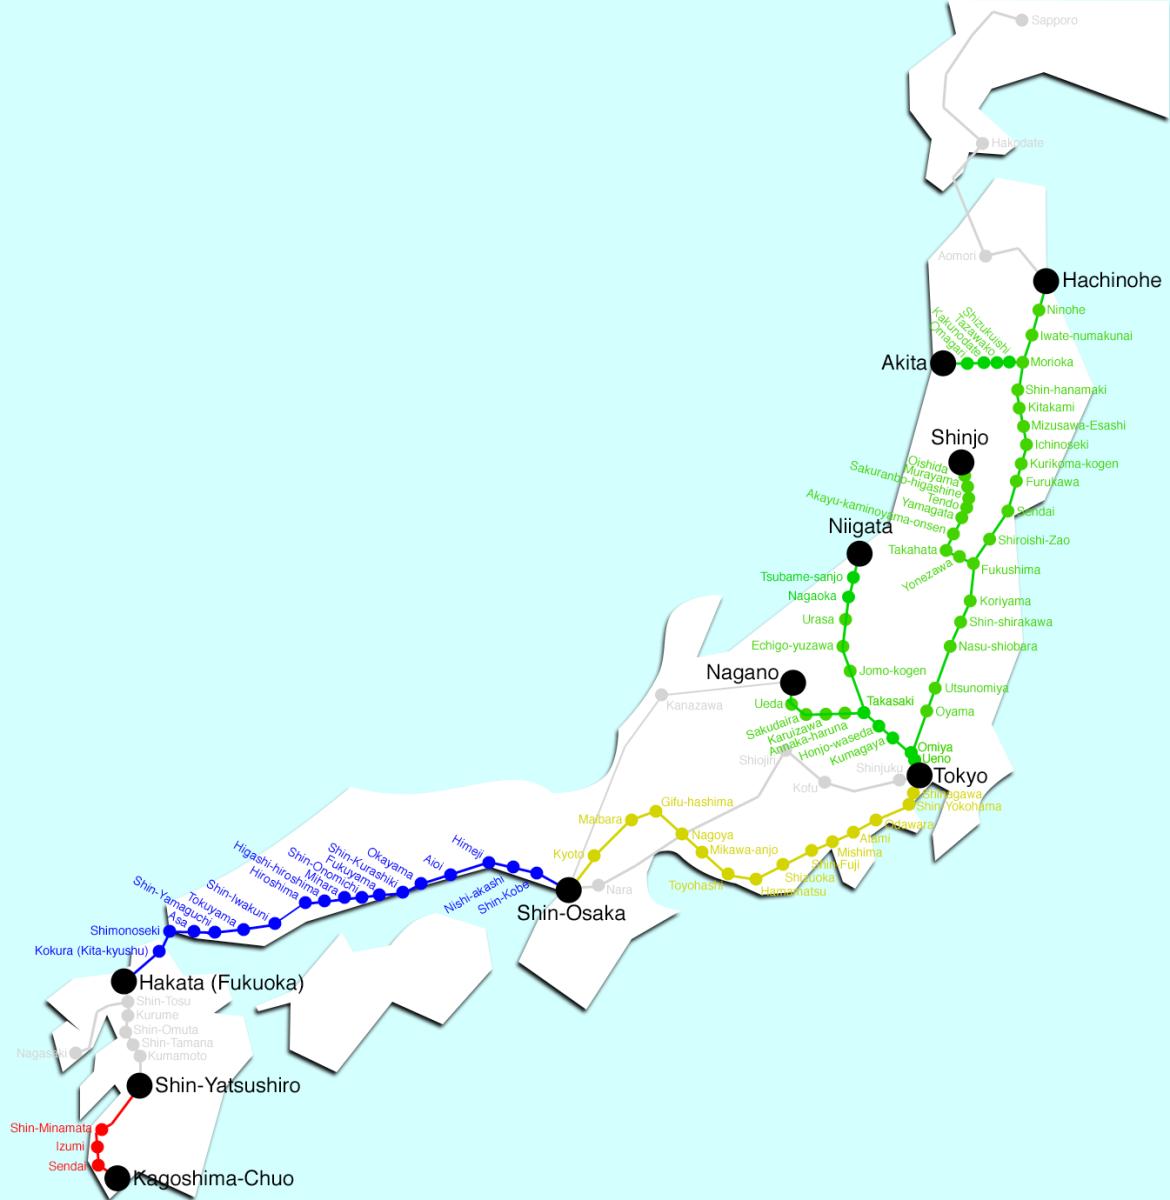 Shinkansen rail network.